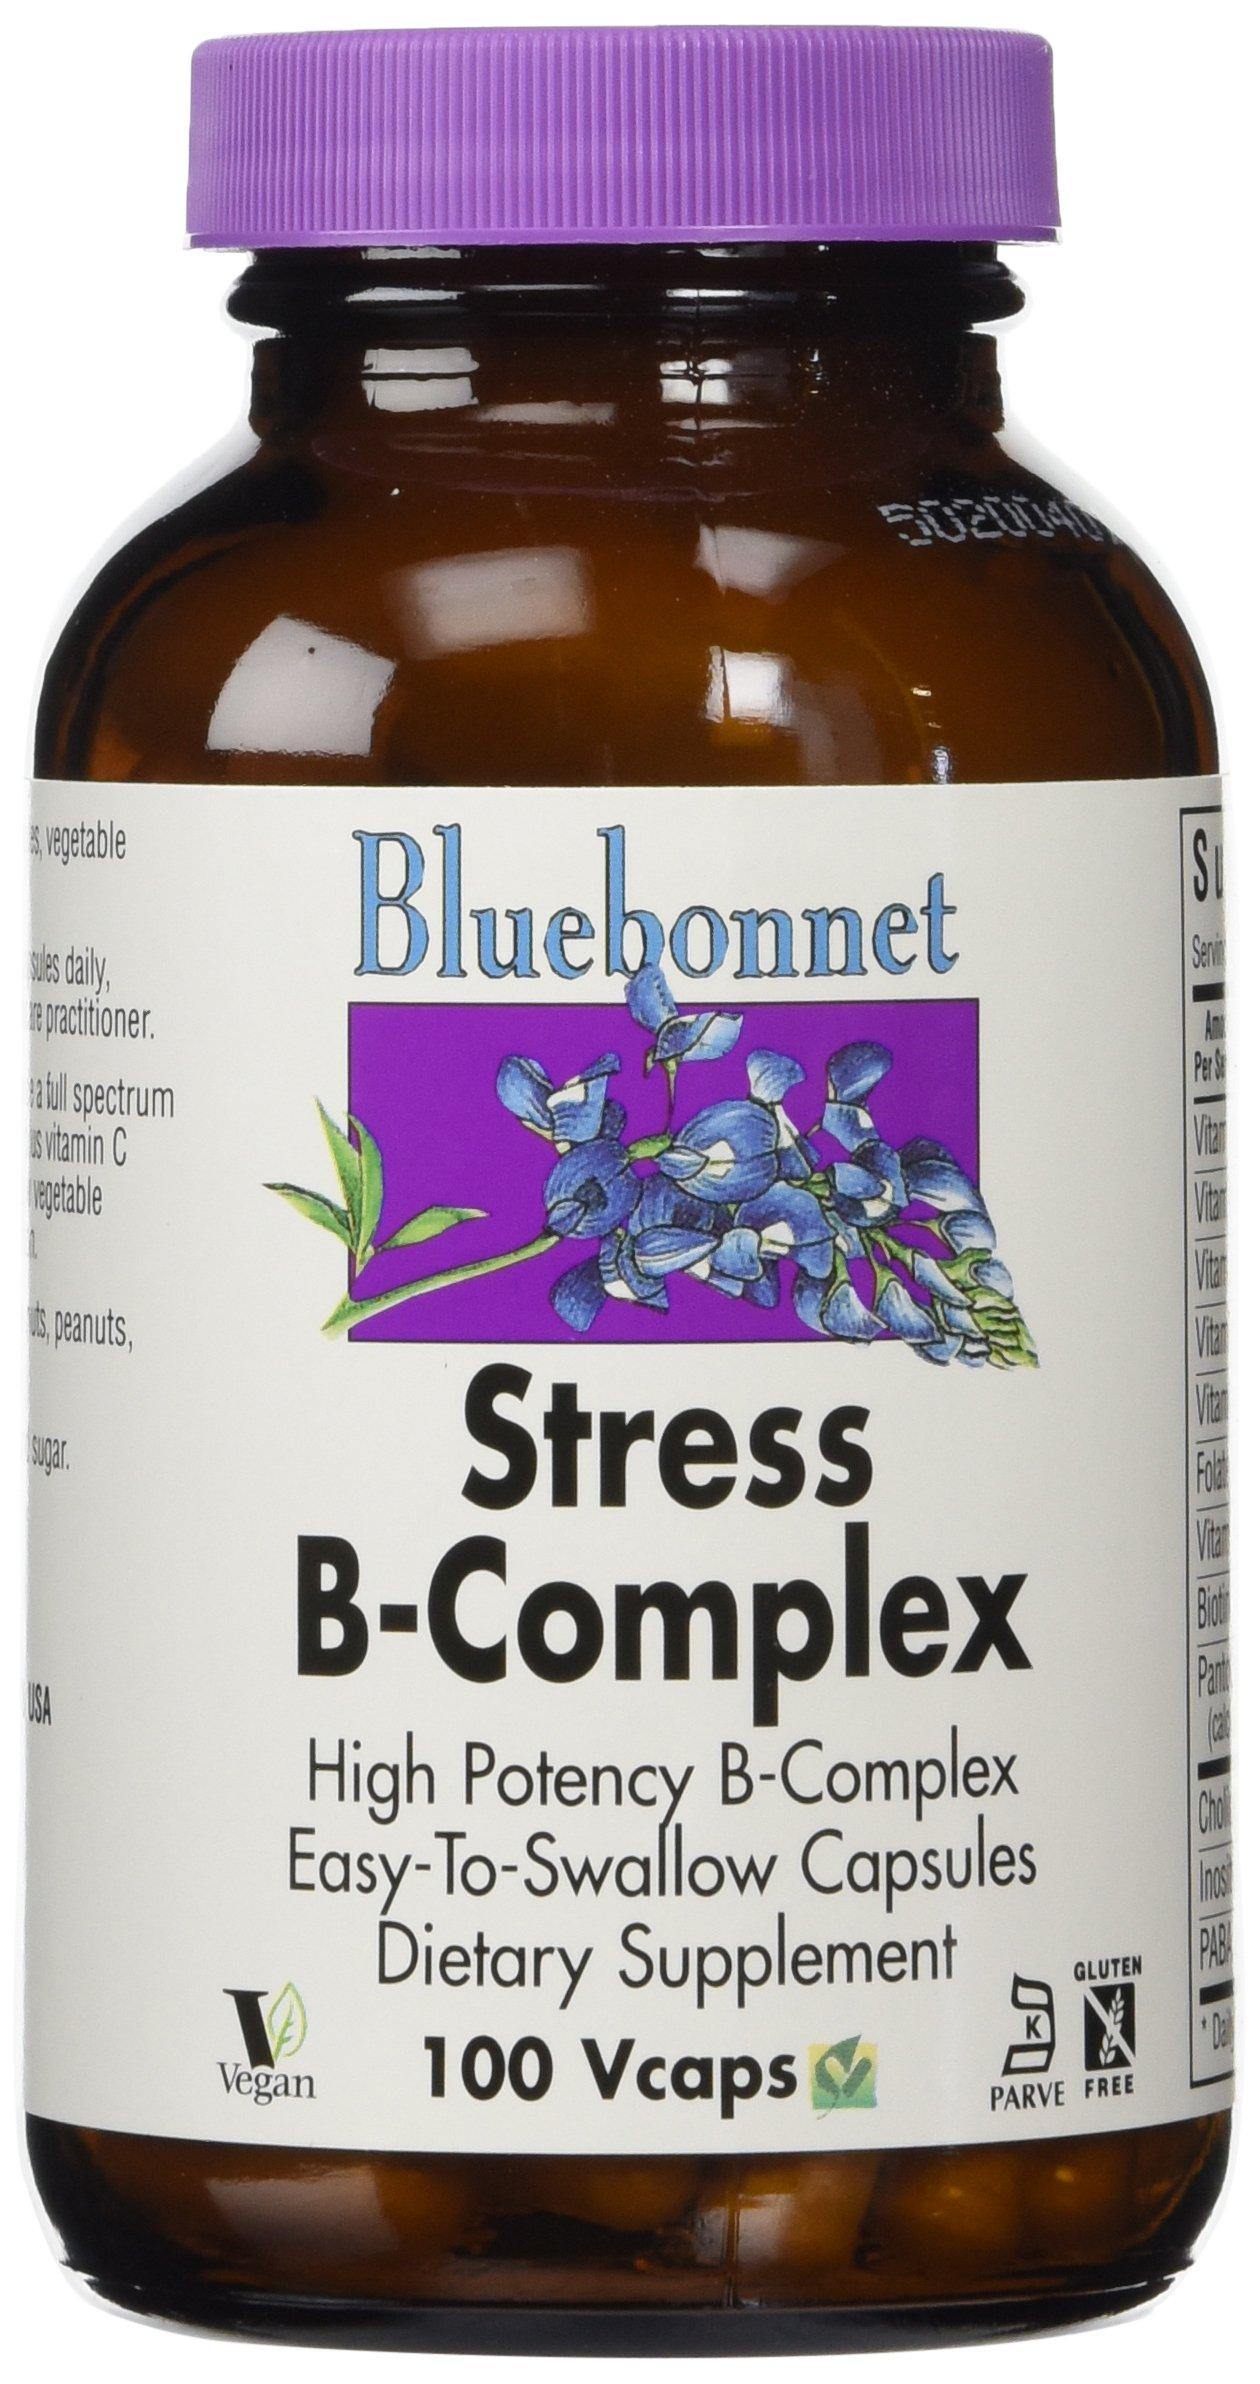 Bluebonnet Stress B-Complex 50 Vegetable Capsules, 100 Count